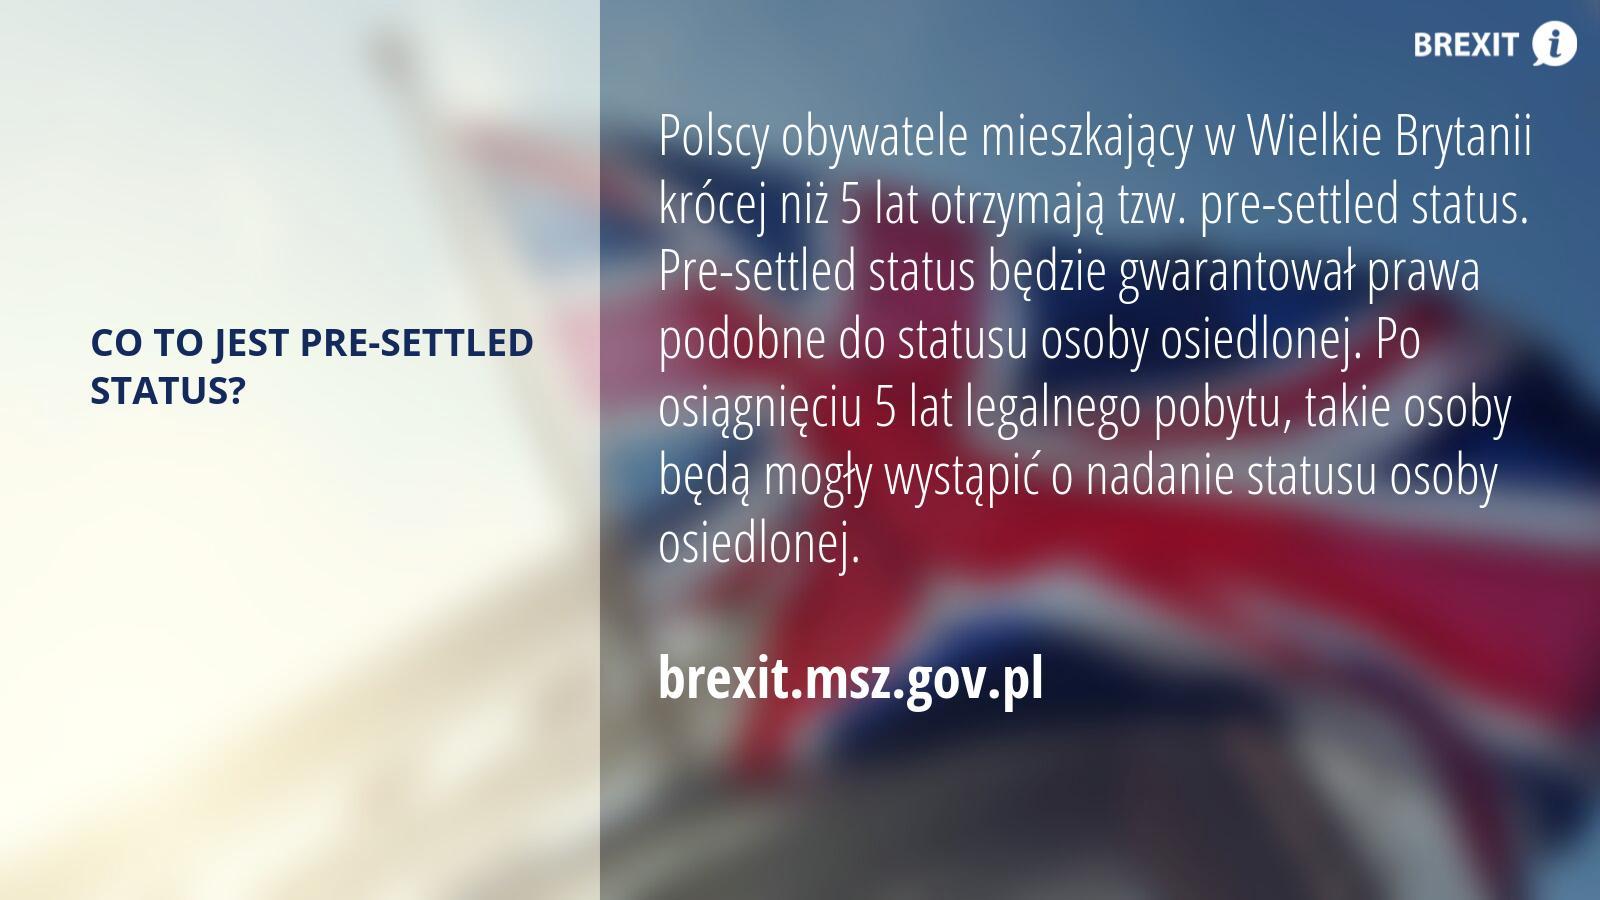 Pre-settled status w Wielkiej Brytanii.